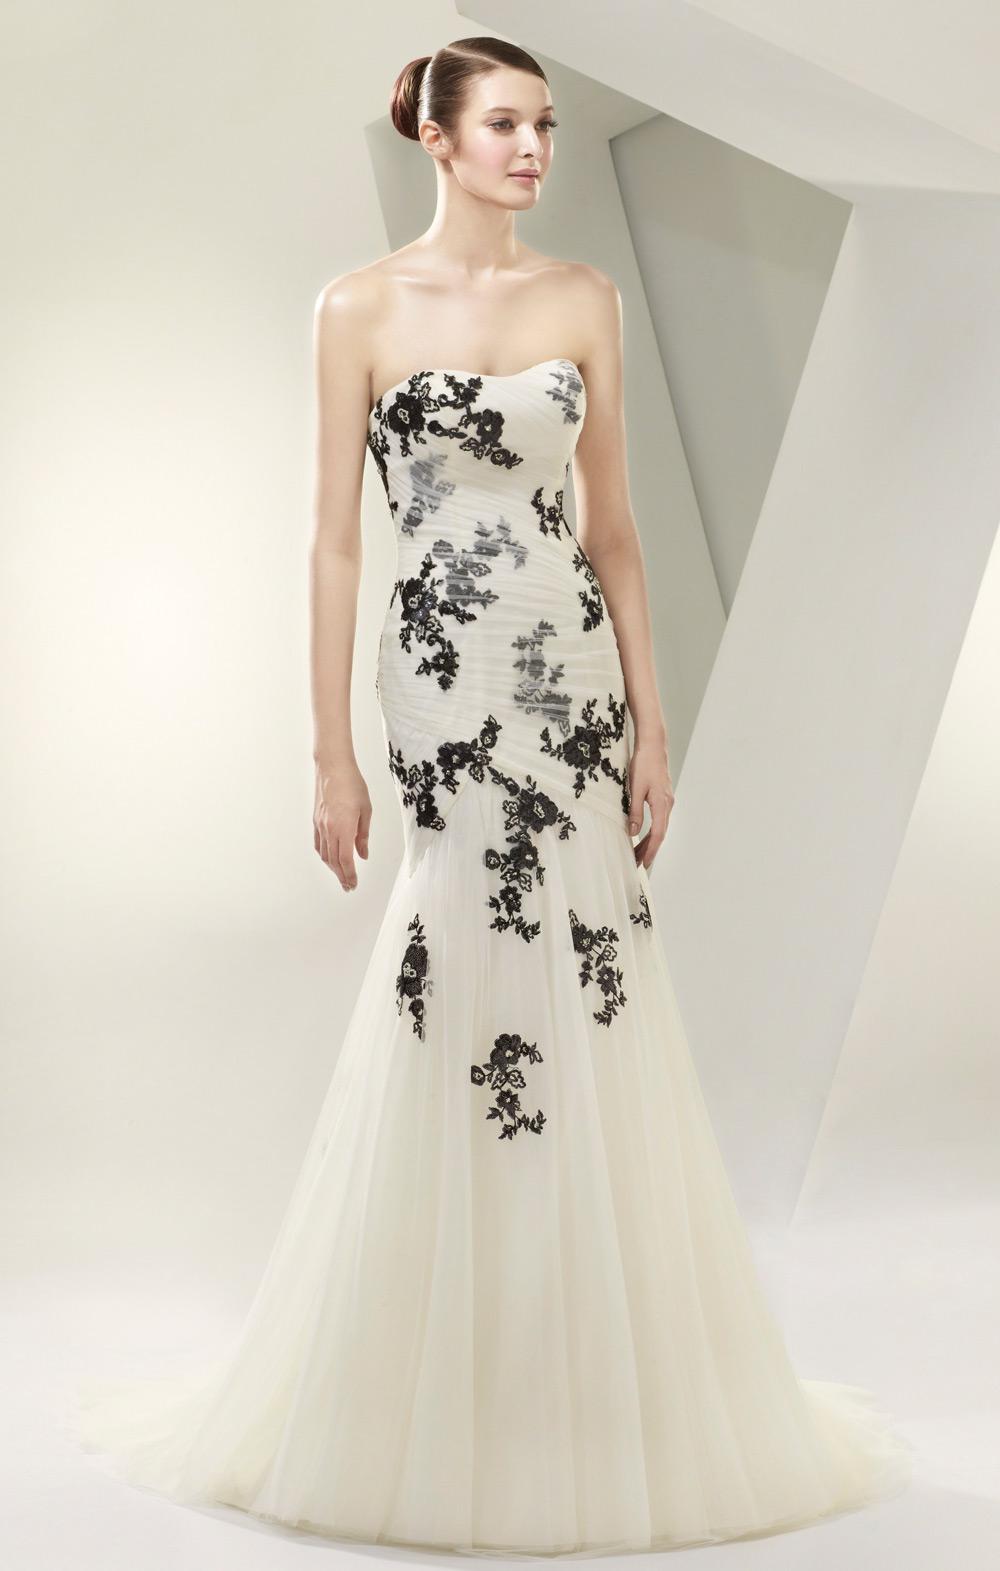 Brautkleid mit schwarzen Applikationen